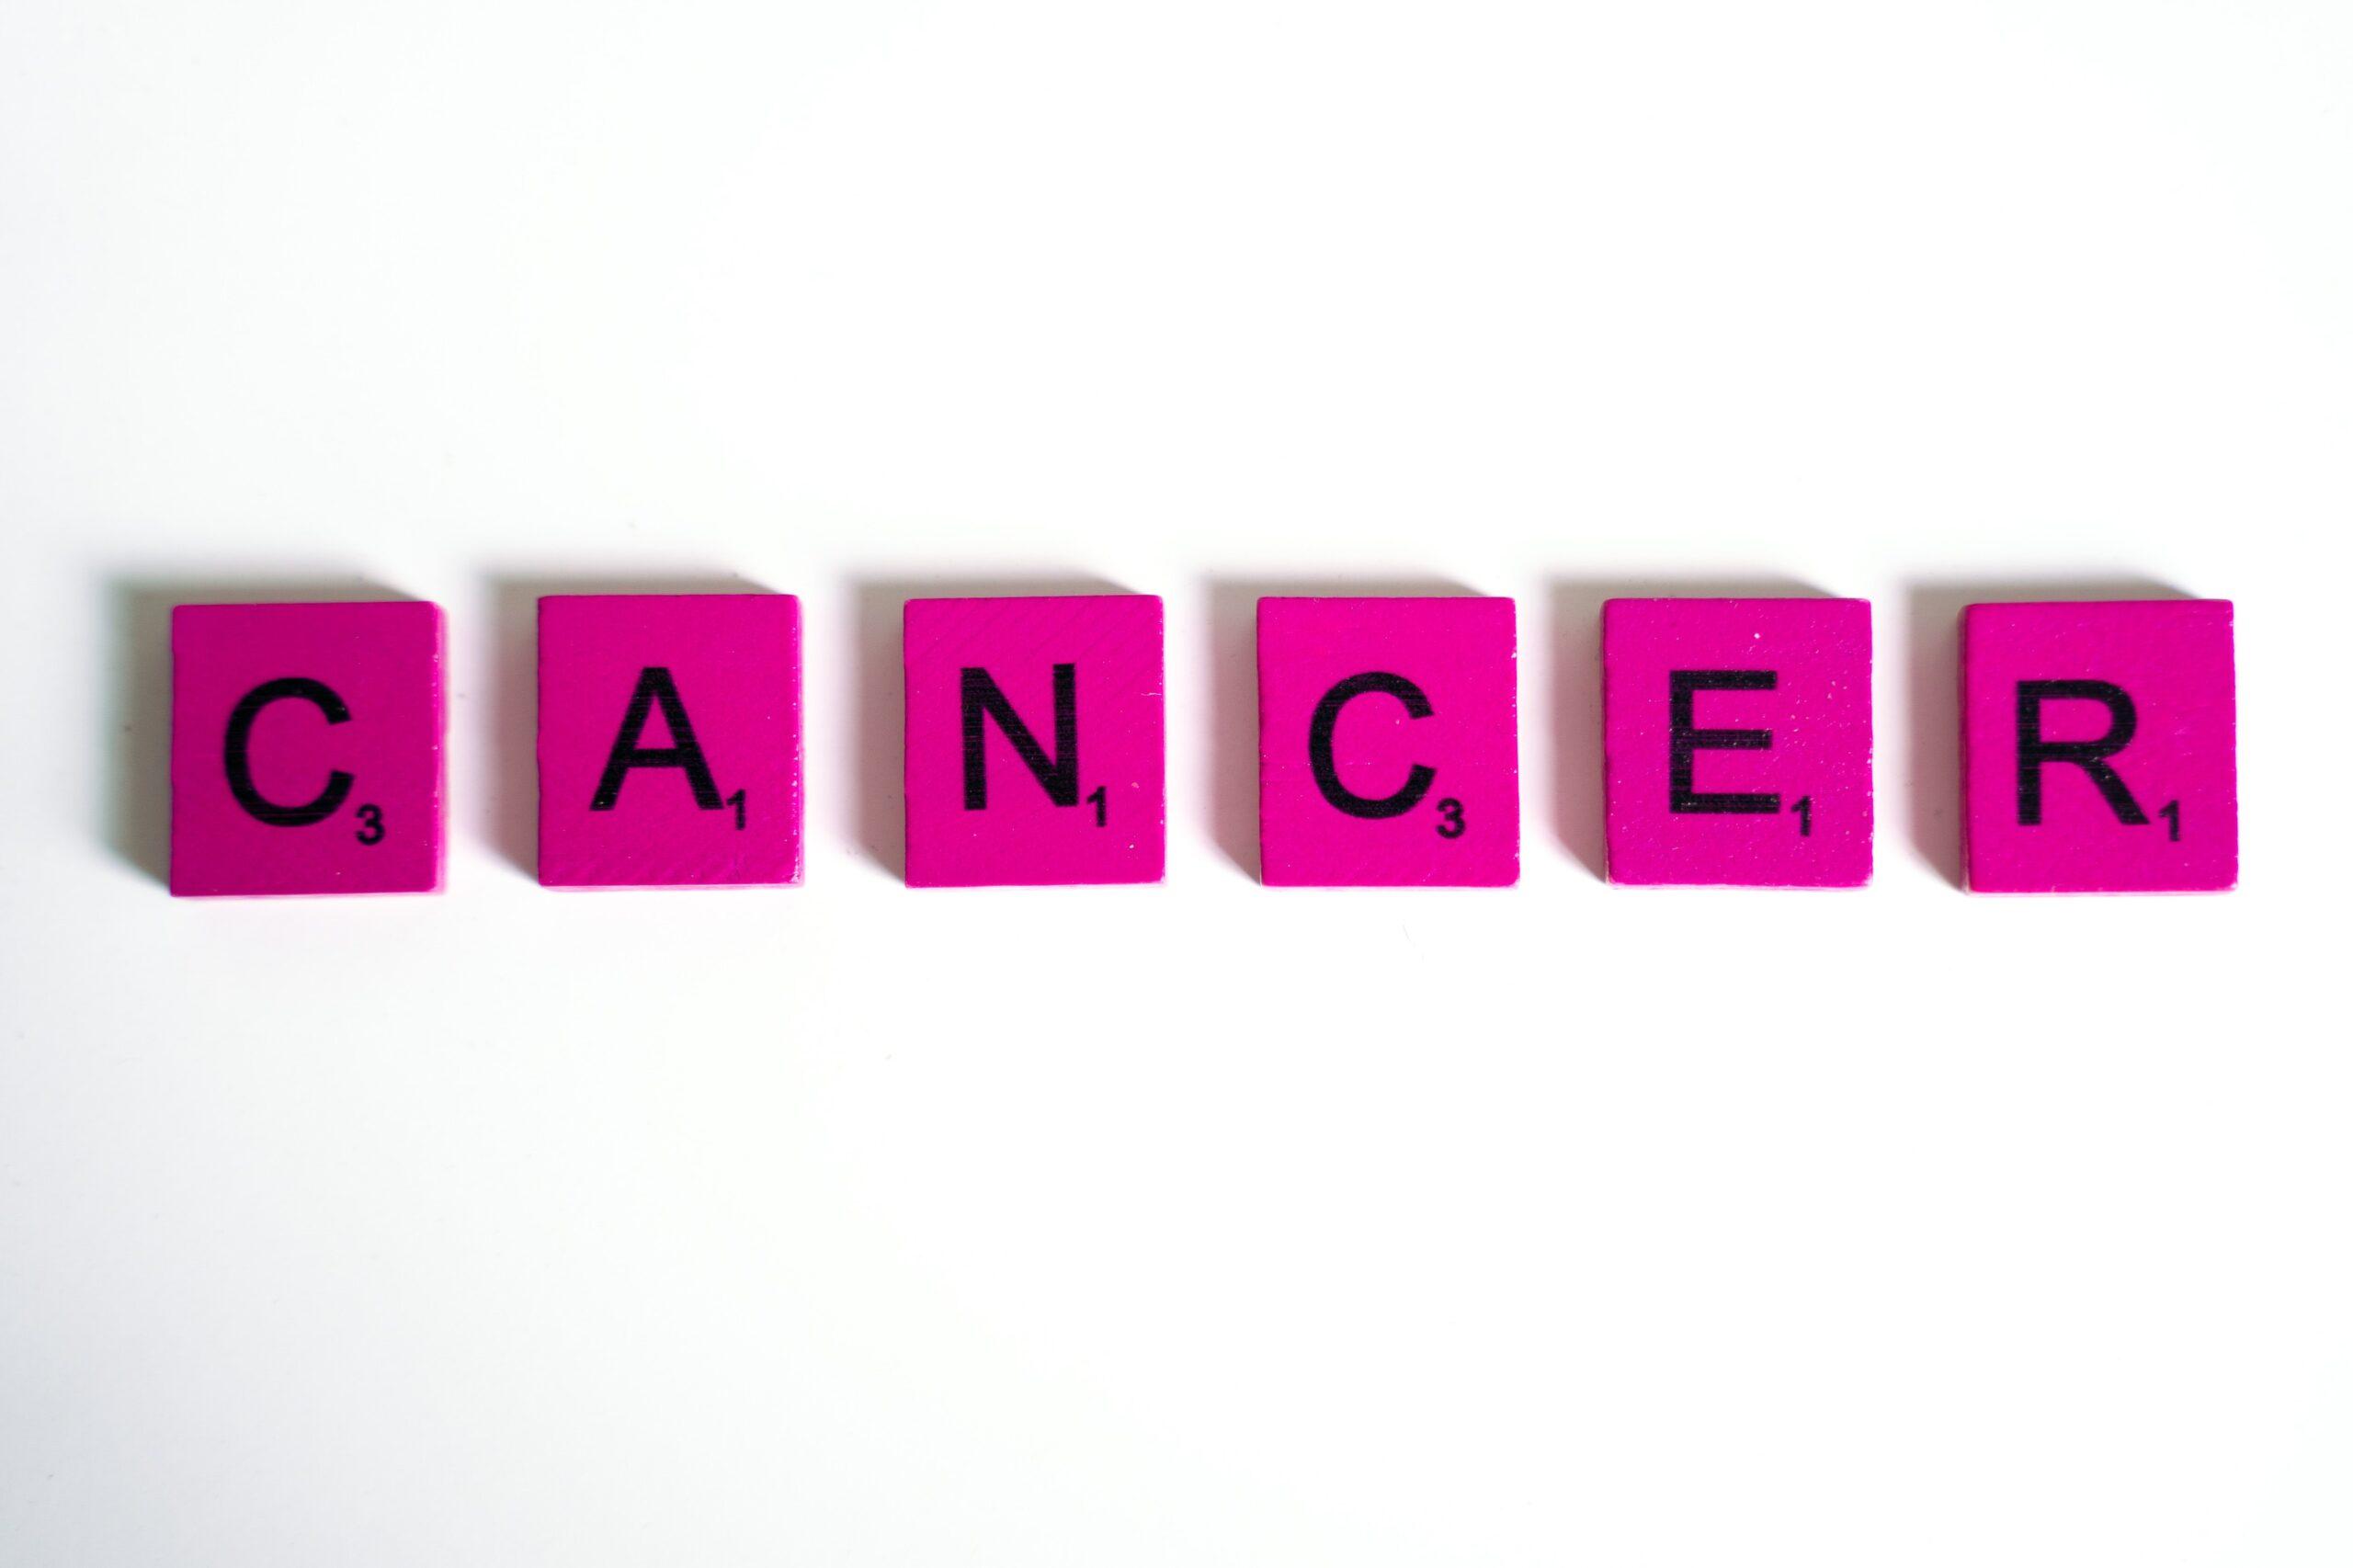 Scleroza multiplă: risc ridicat de cancer de vezică, risc scăzut de cancer colorectal și mamar